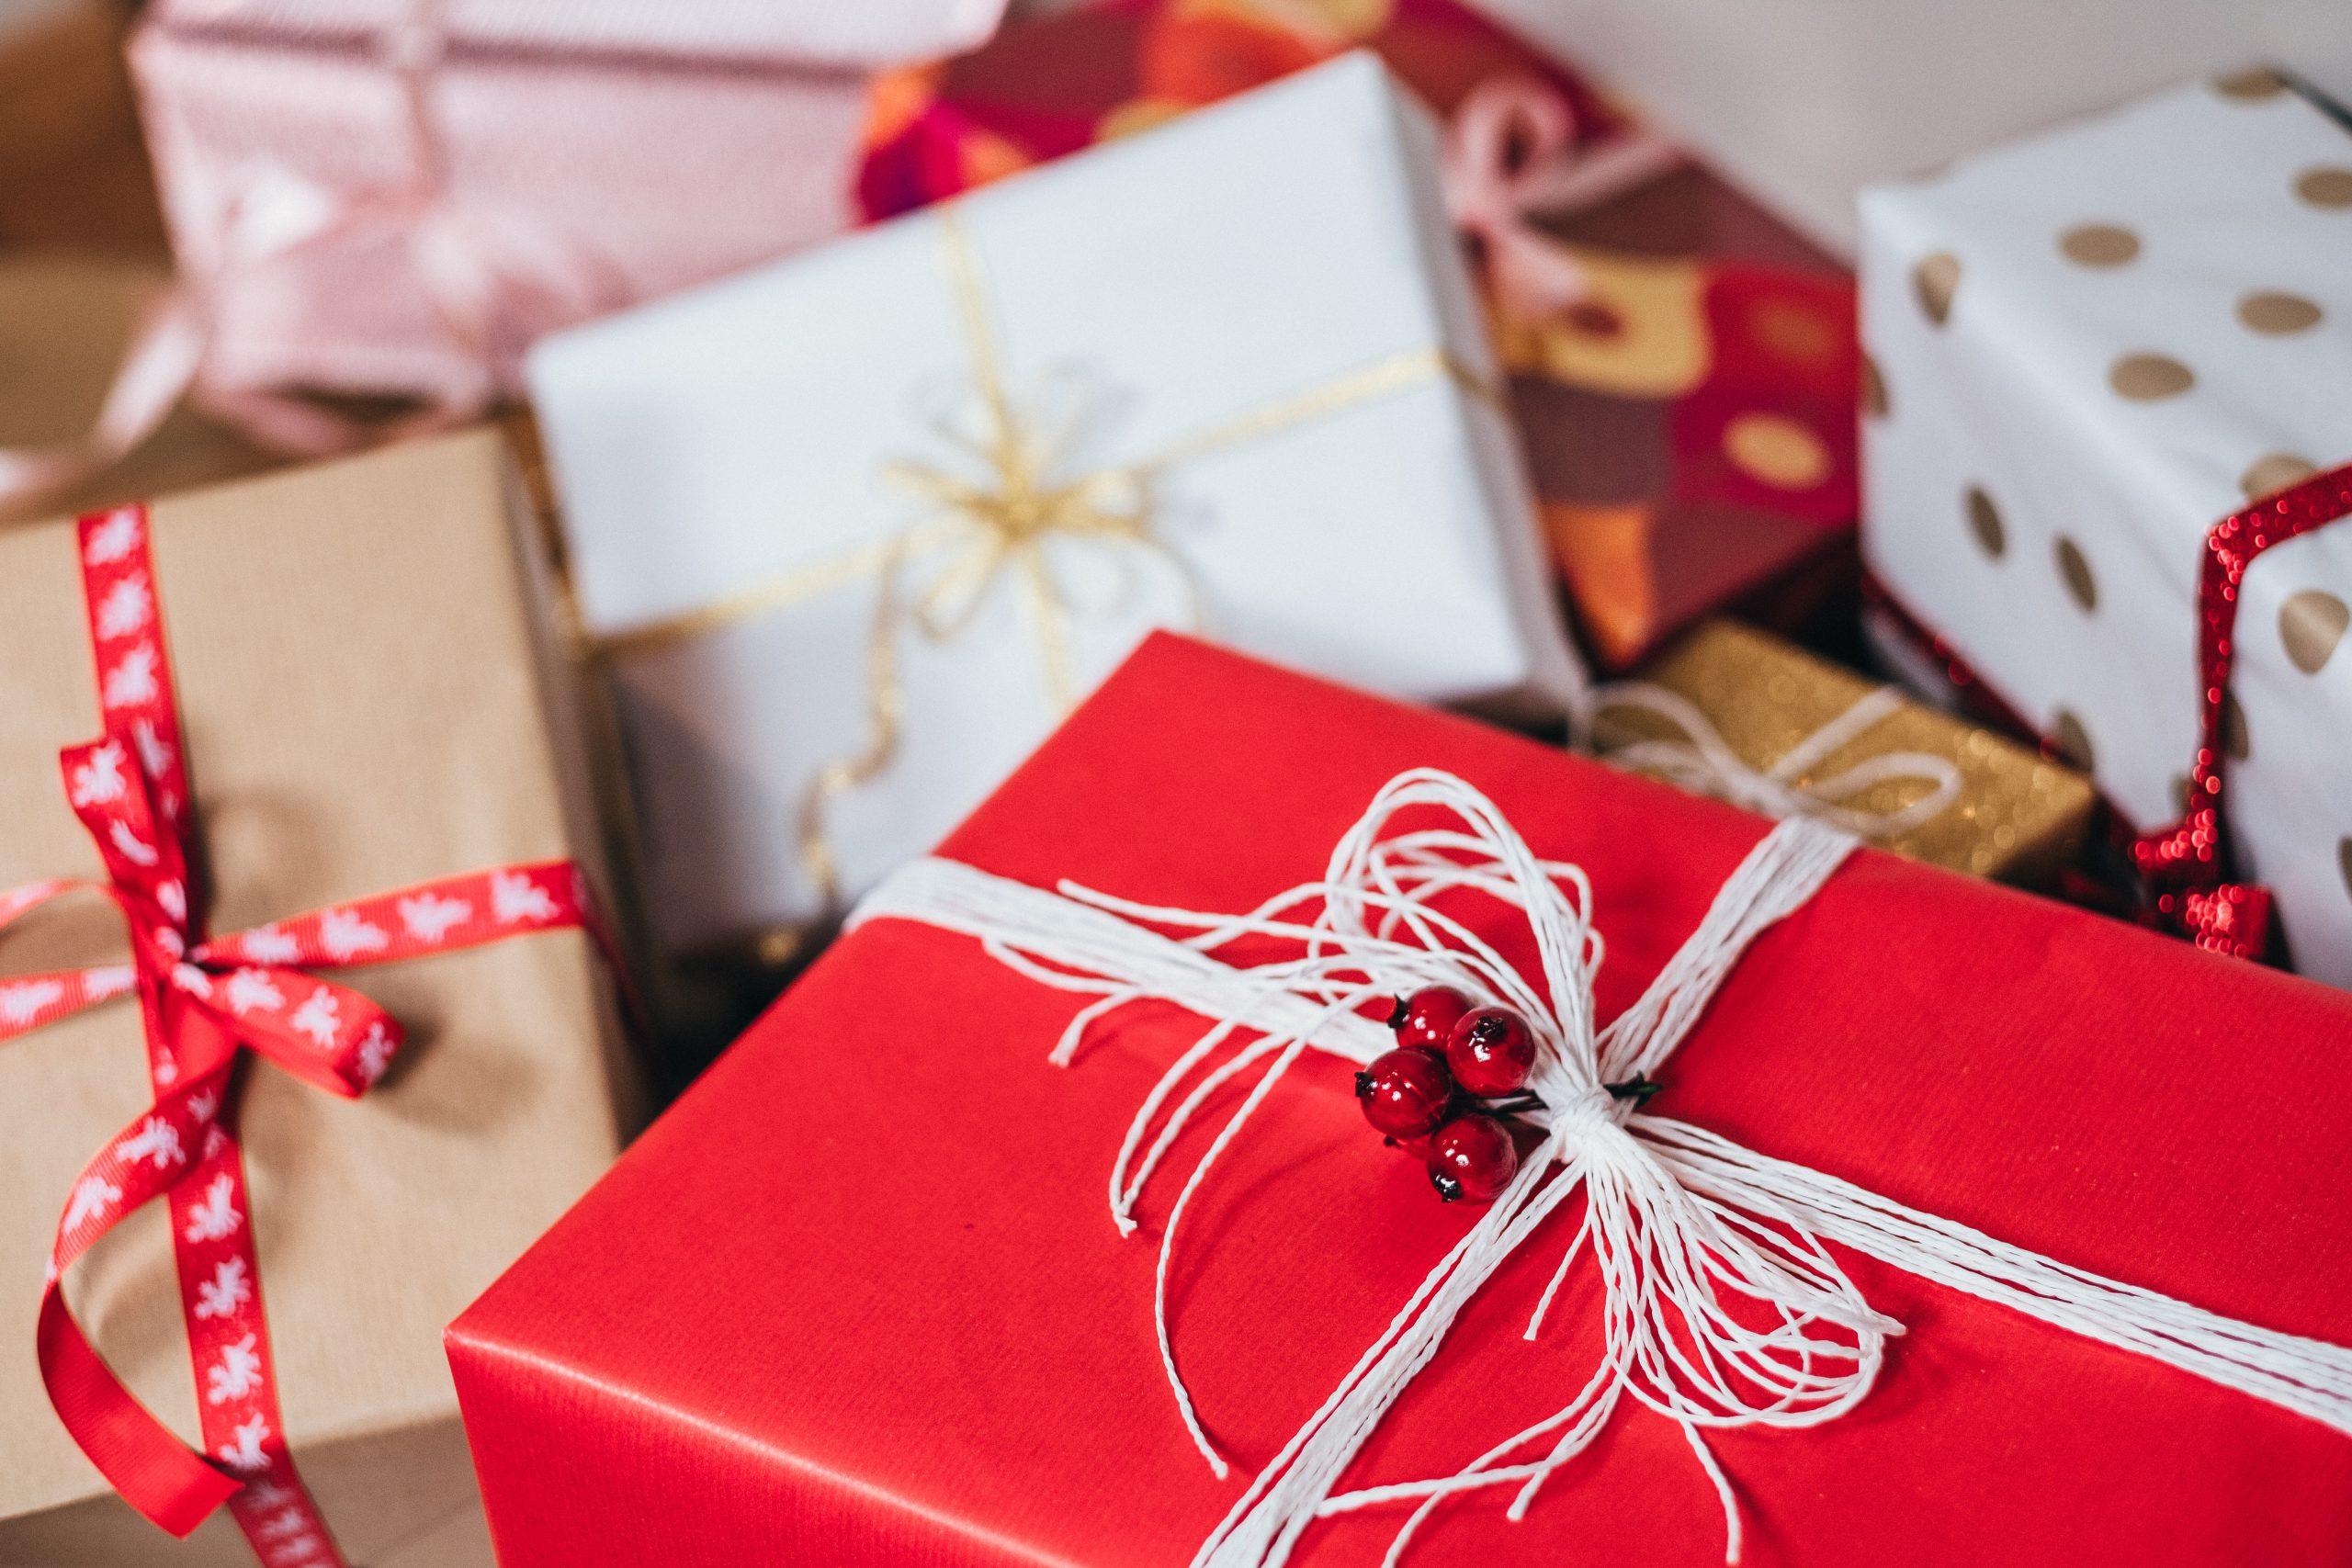 Kerstverhalen over hoop, naastenliefde en vertrouwen